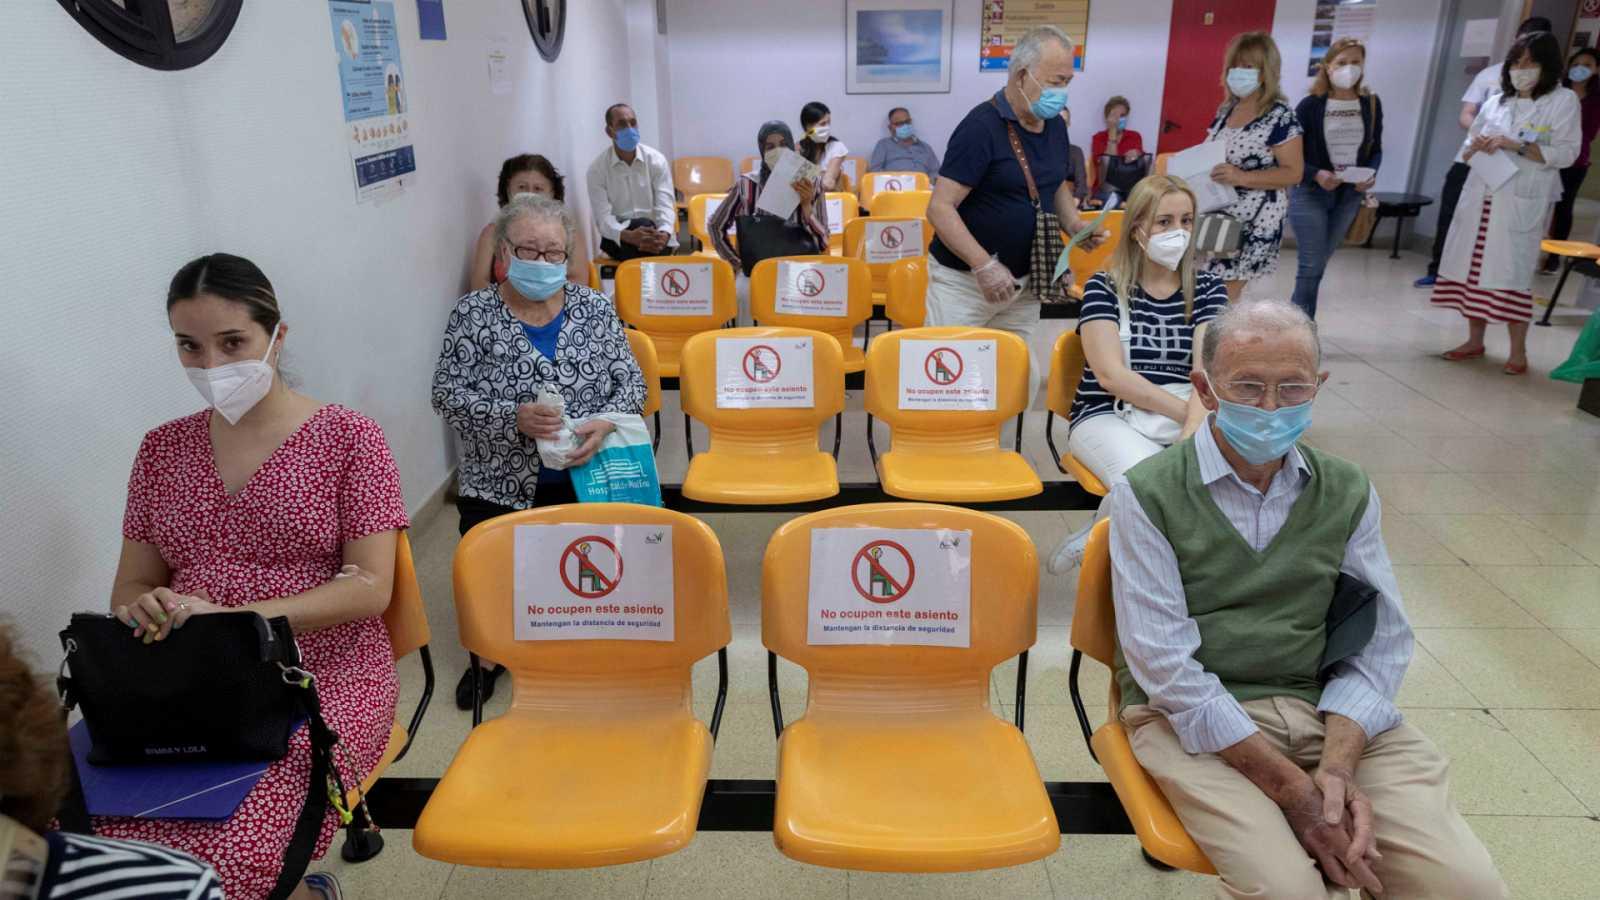 14 horas - La COVID atasca los hospitales públicos: 170 días de espera para ser operado, 55 más que hace un año - Escuchar ahora